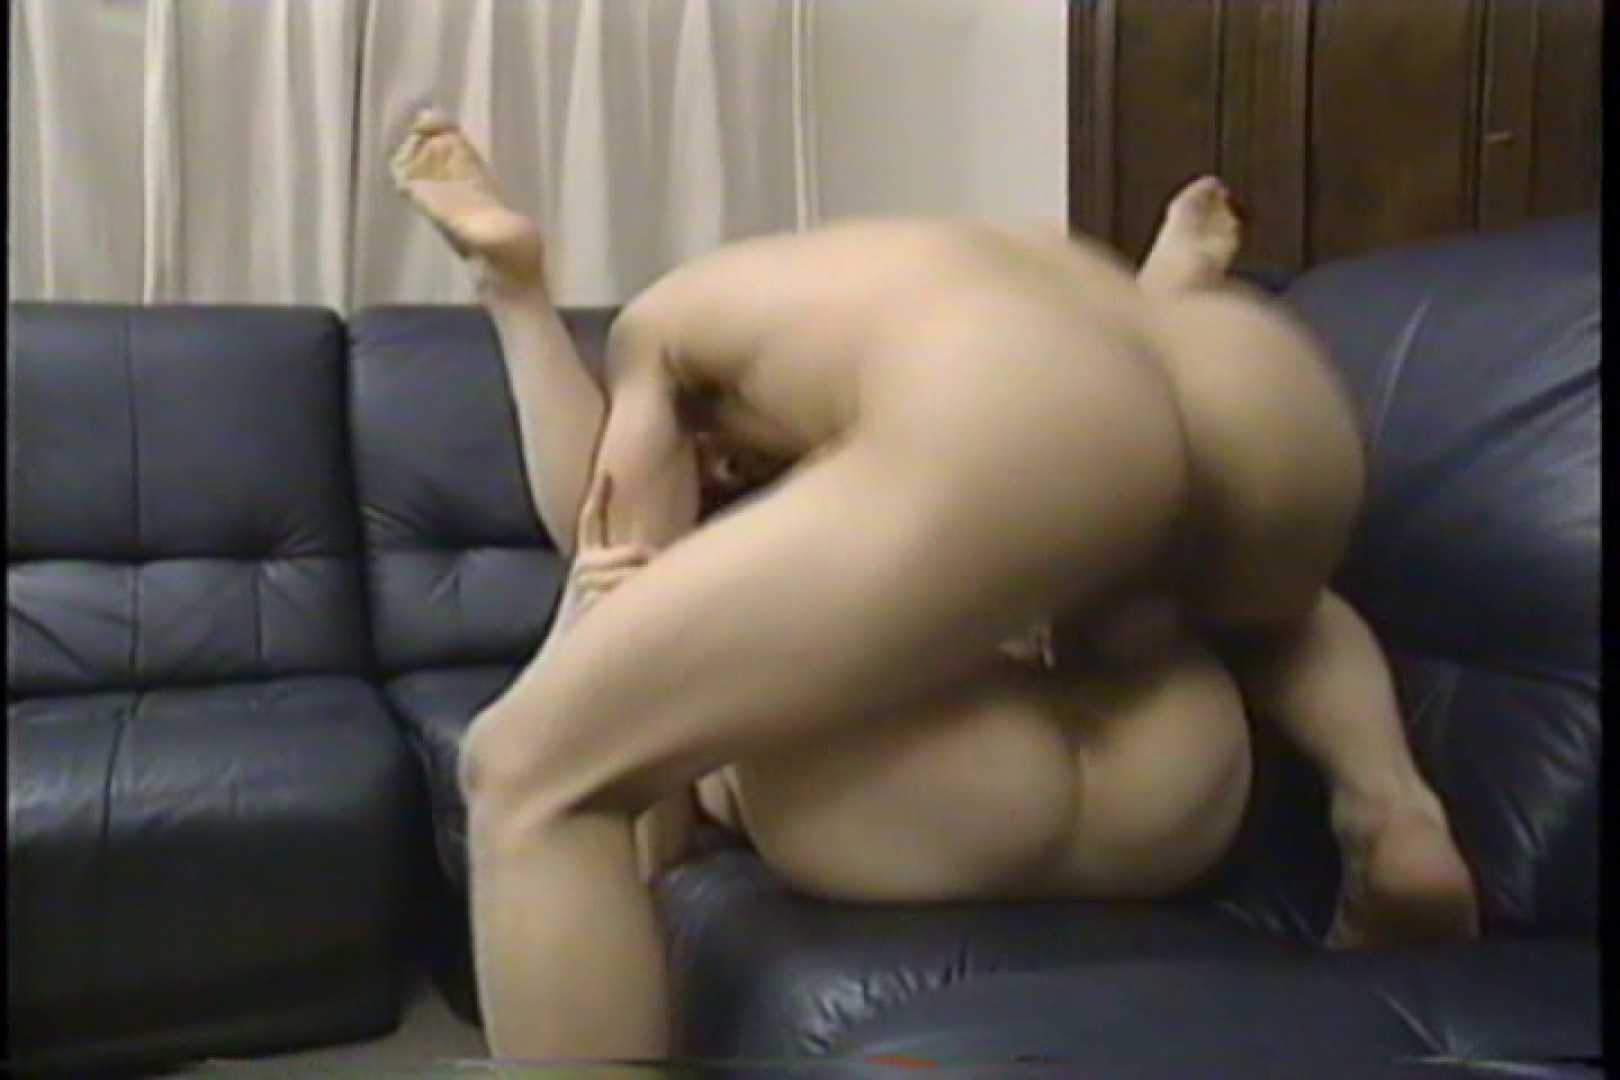 かわいい人妻、巨乳が疼いて止まらない~飯島れいか~ オナニー AV無料動画キャプチャ 20連発 2